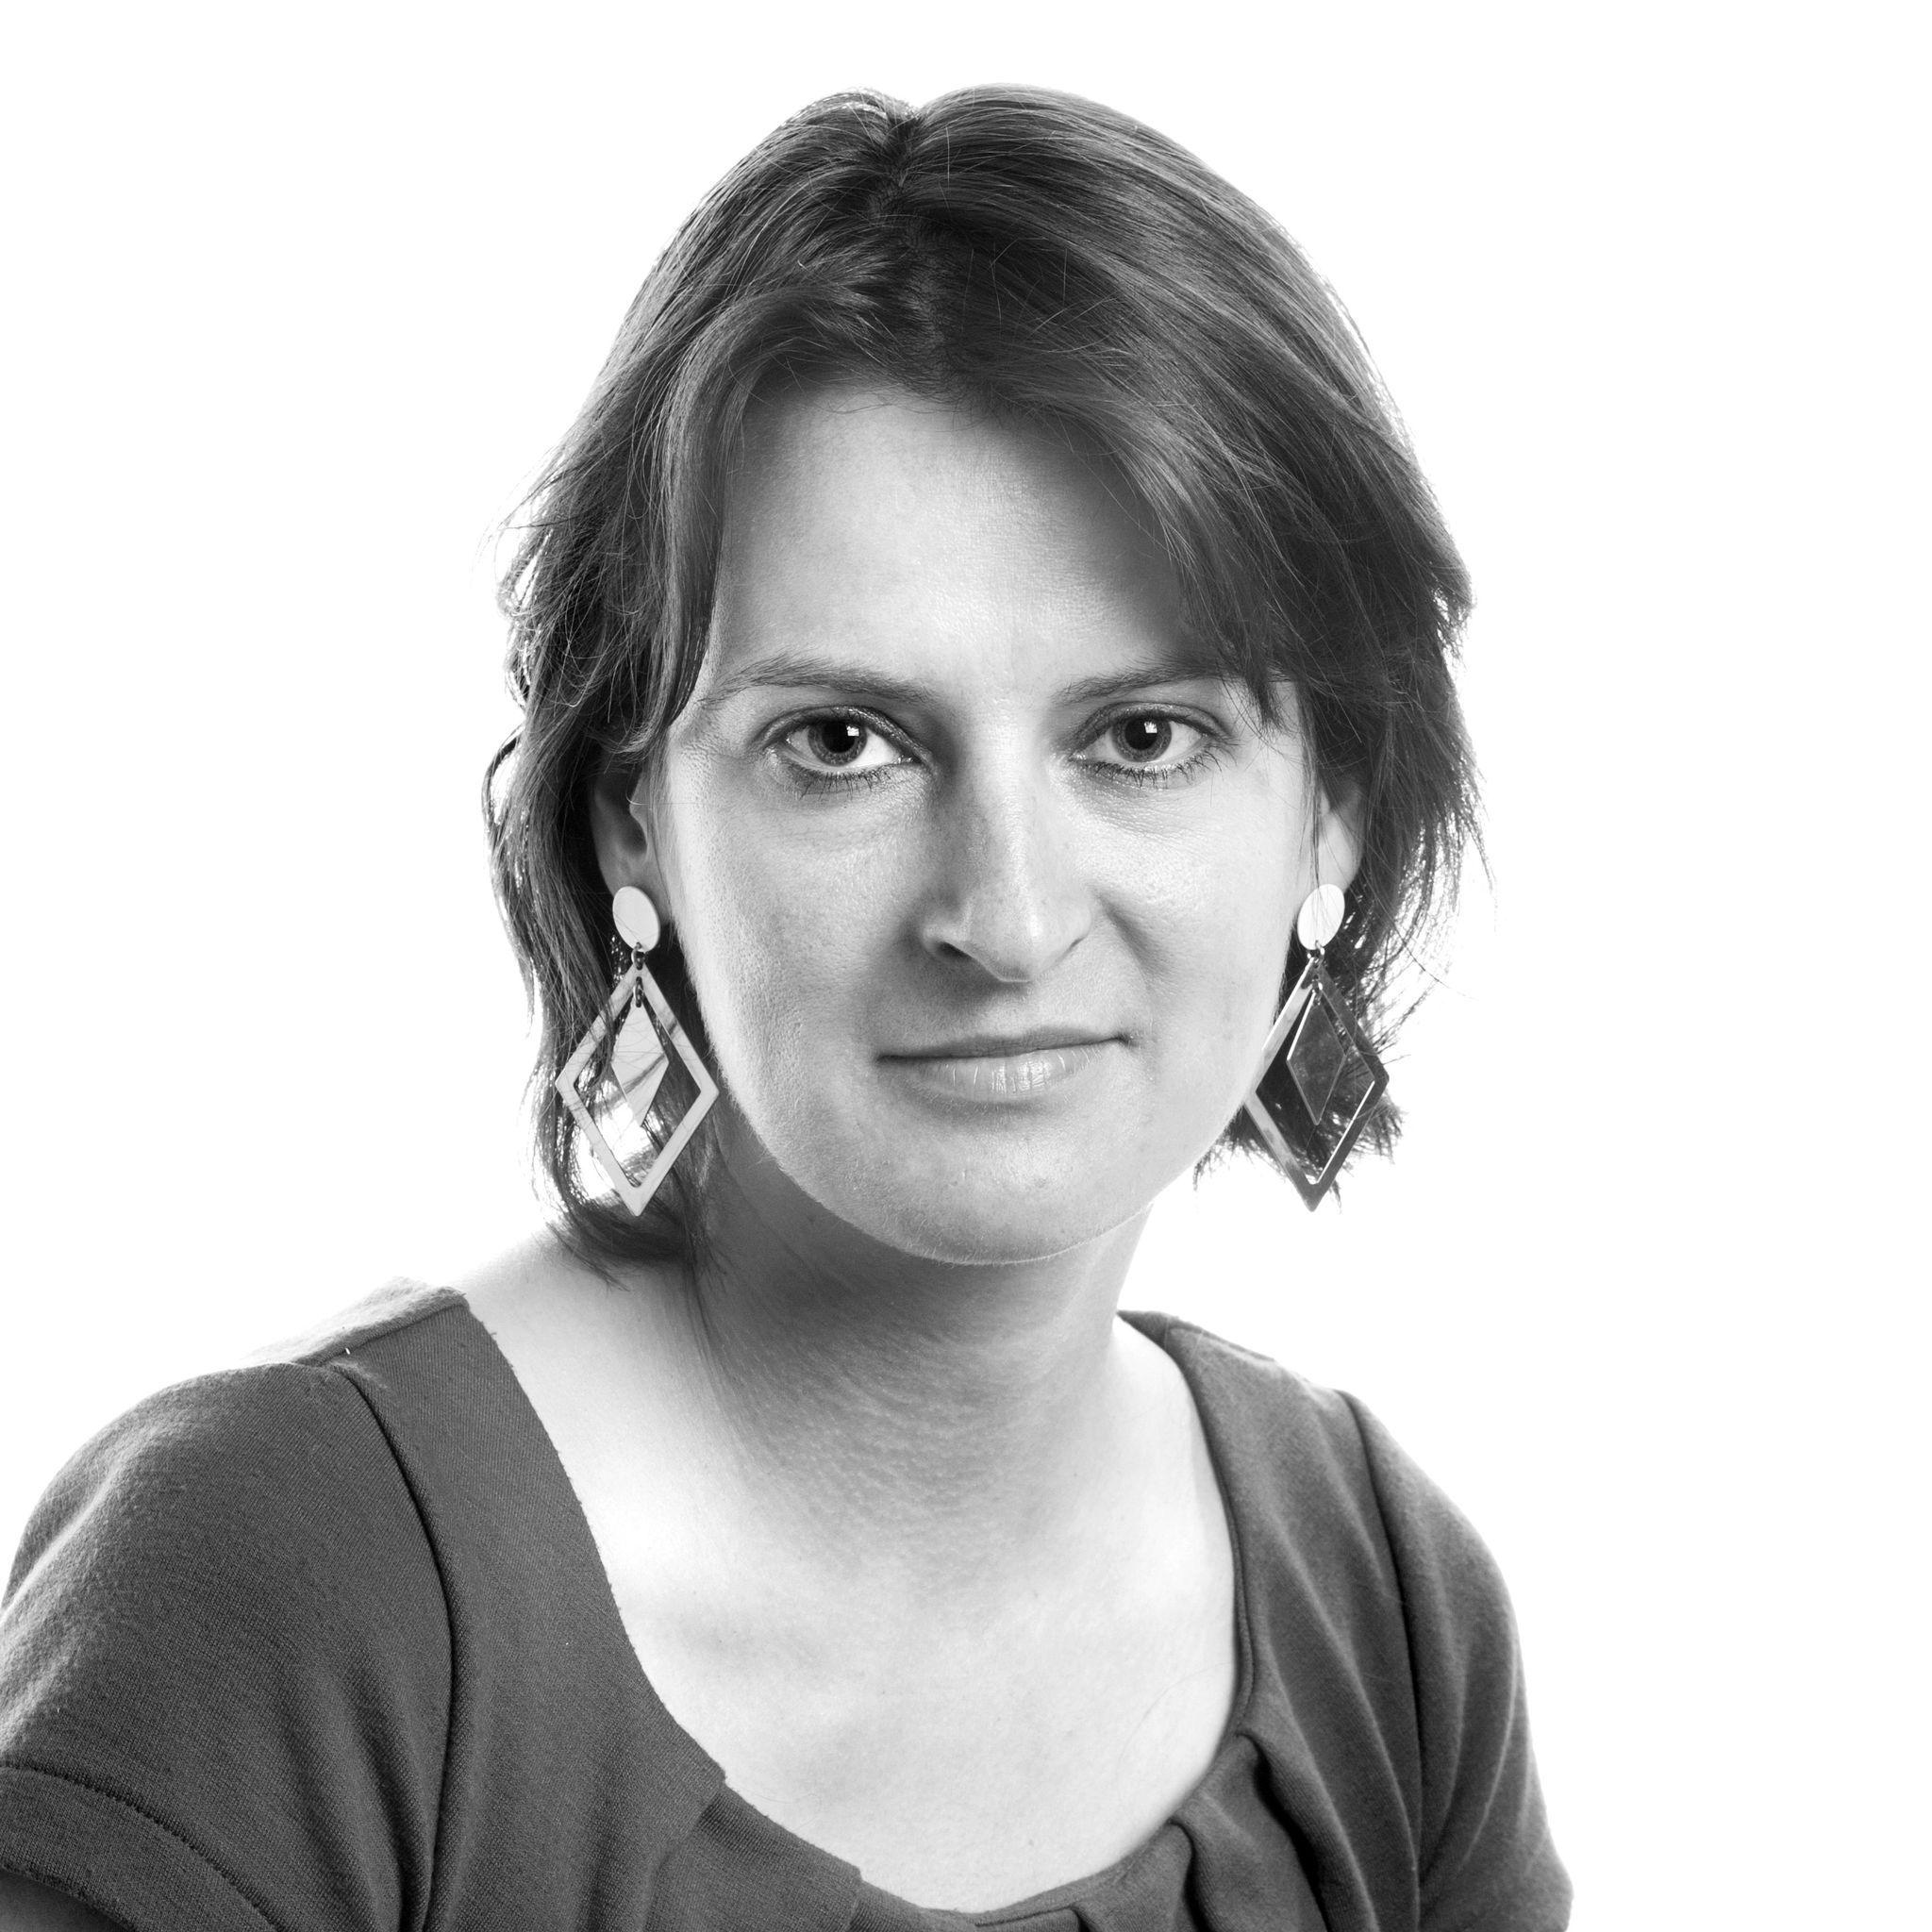 Kristin Jansen